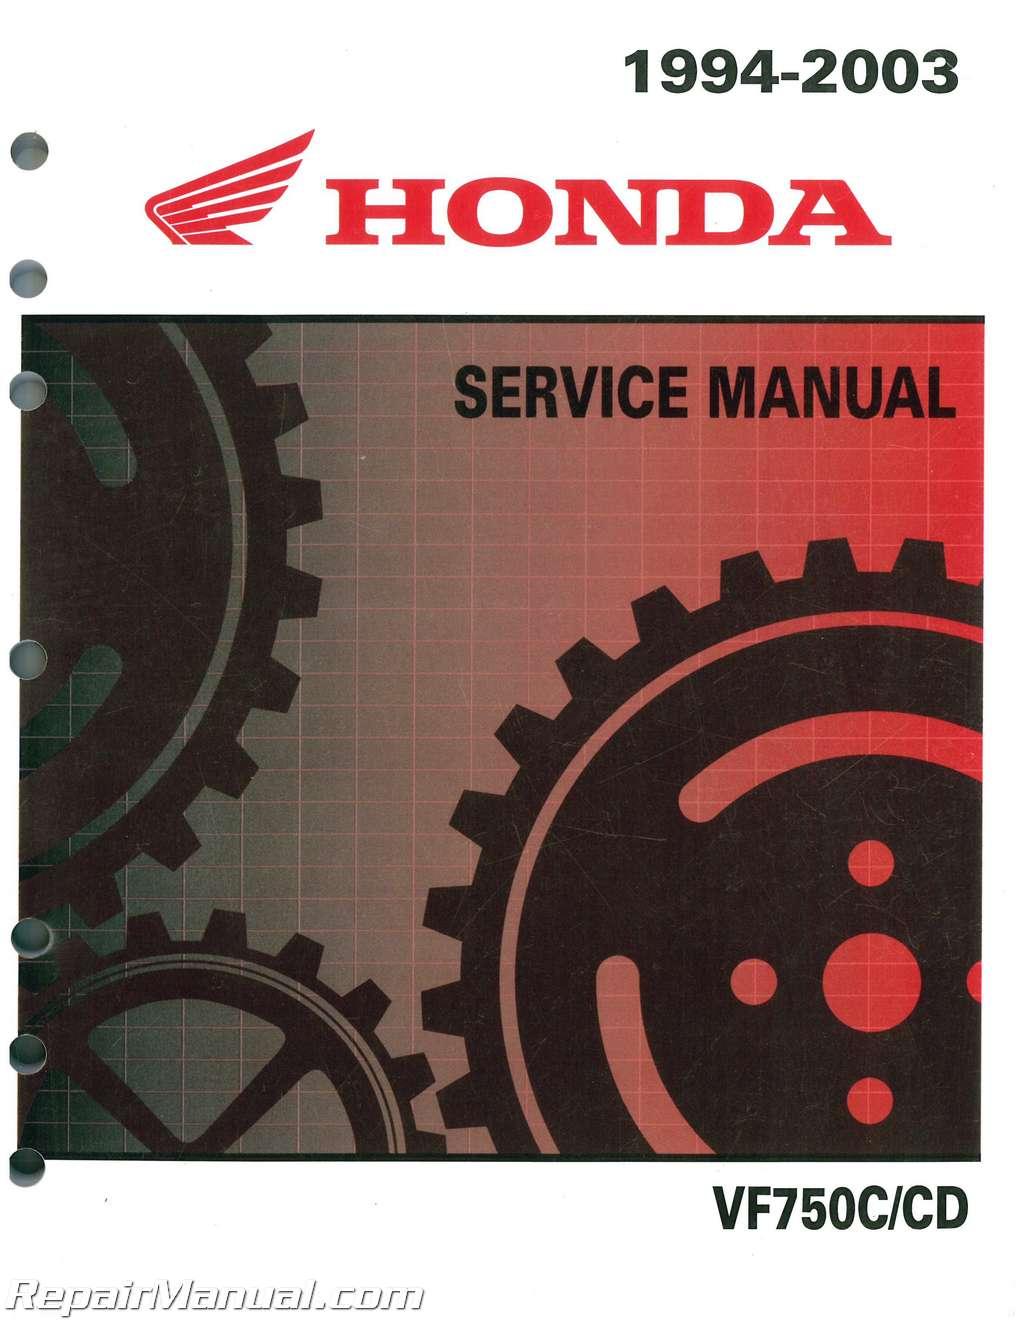 1994 2003 honda vf750c cd magna motorcycle service manual rh repairmanual  com 1994 Honda VF750C Magna 1997 Honda Magna